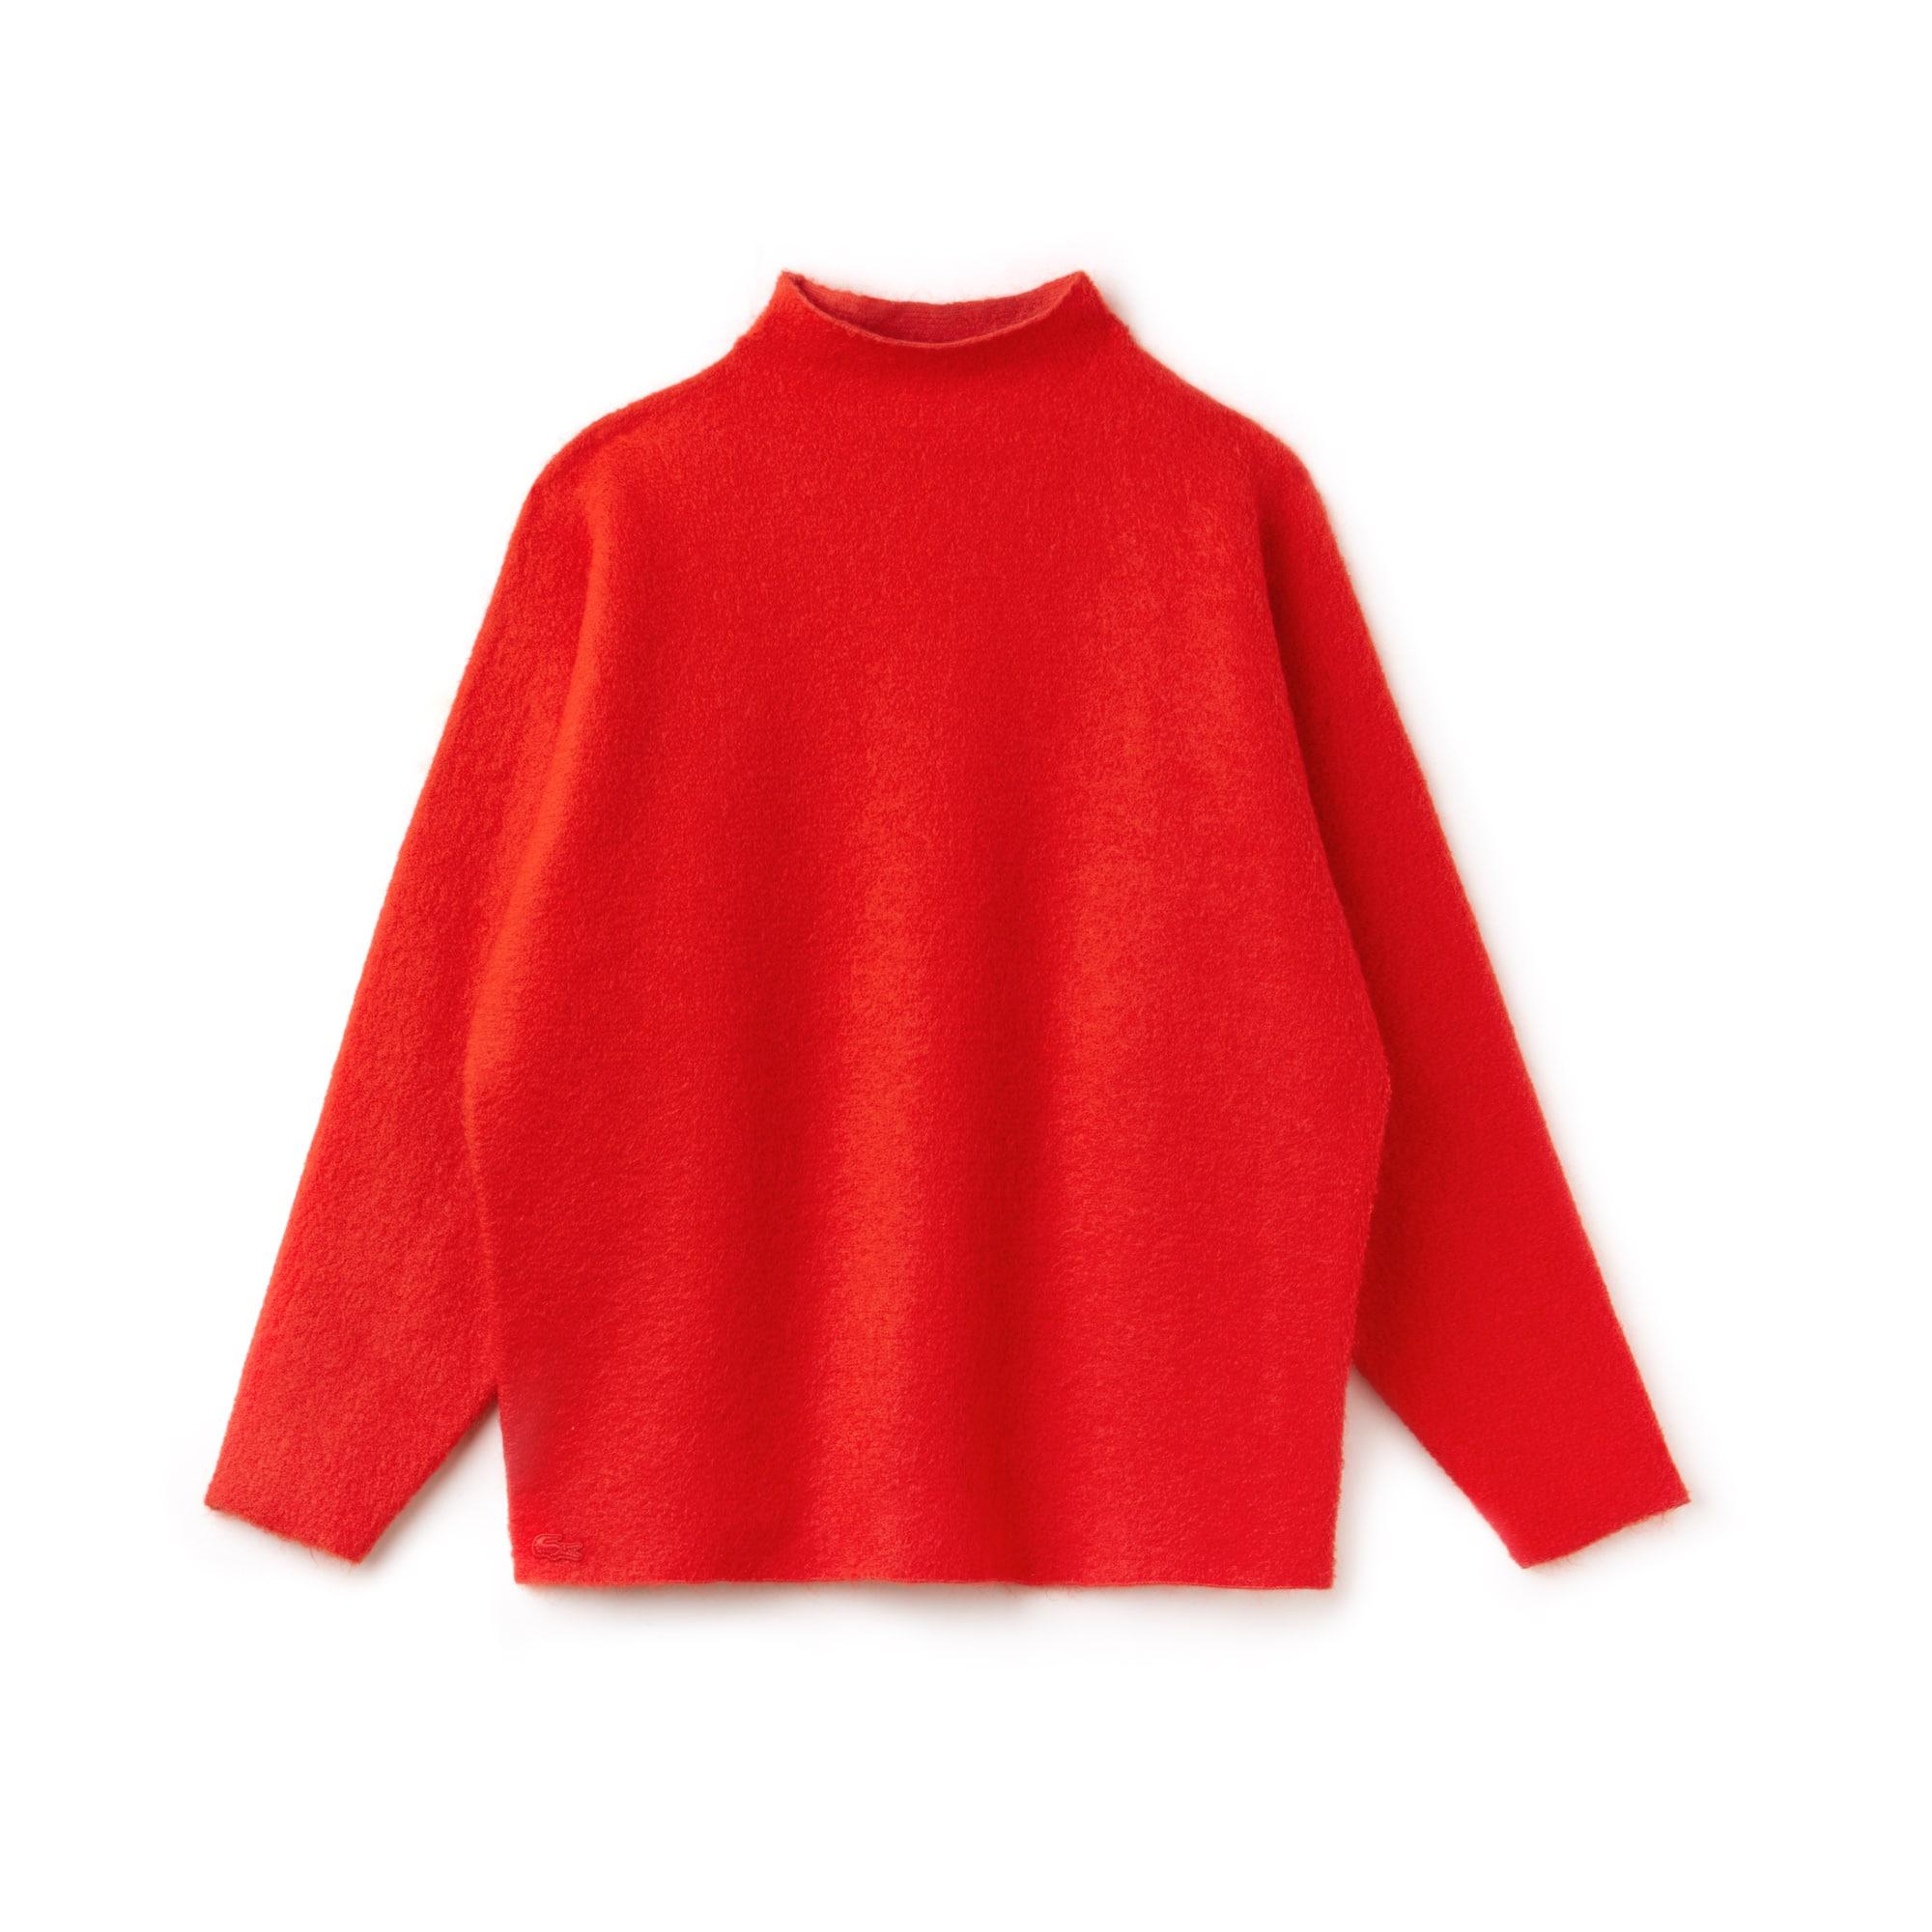 라코스테 우먼 모헤어 혼방 하이넥 스웨터 레드 Lacoste Womens Stand-Up Collar Mohair Blend Jersey Sweater,POMEGRENATE